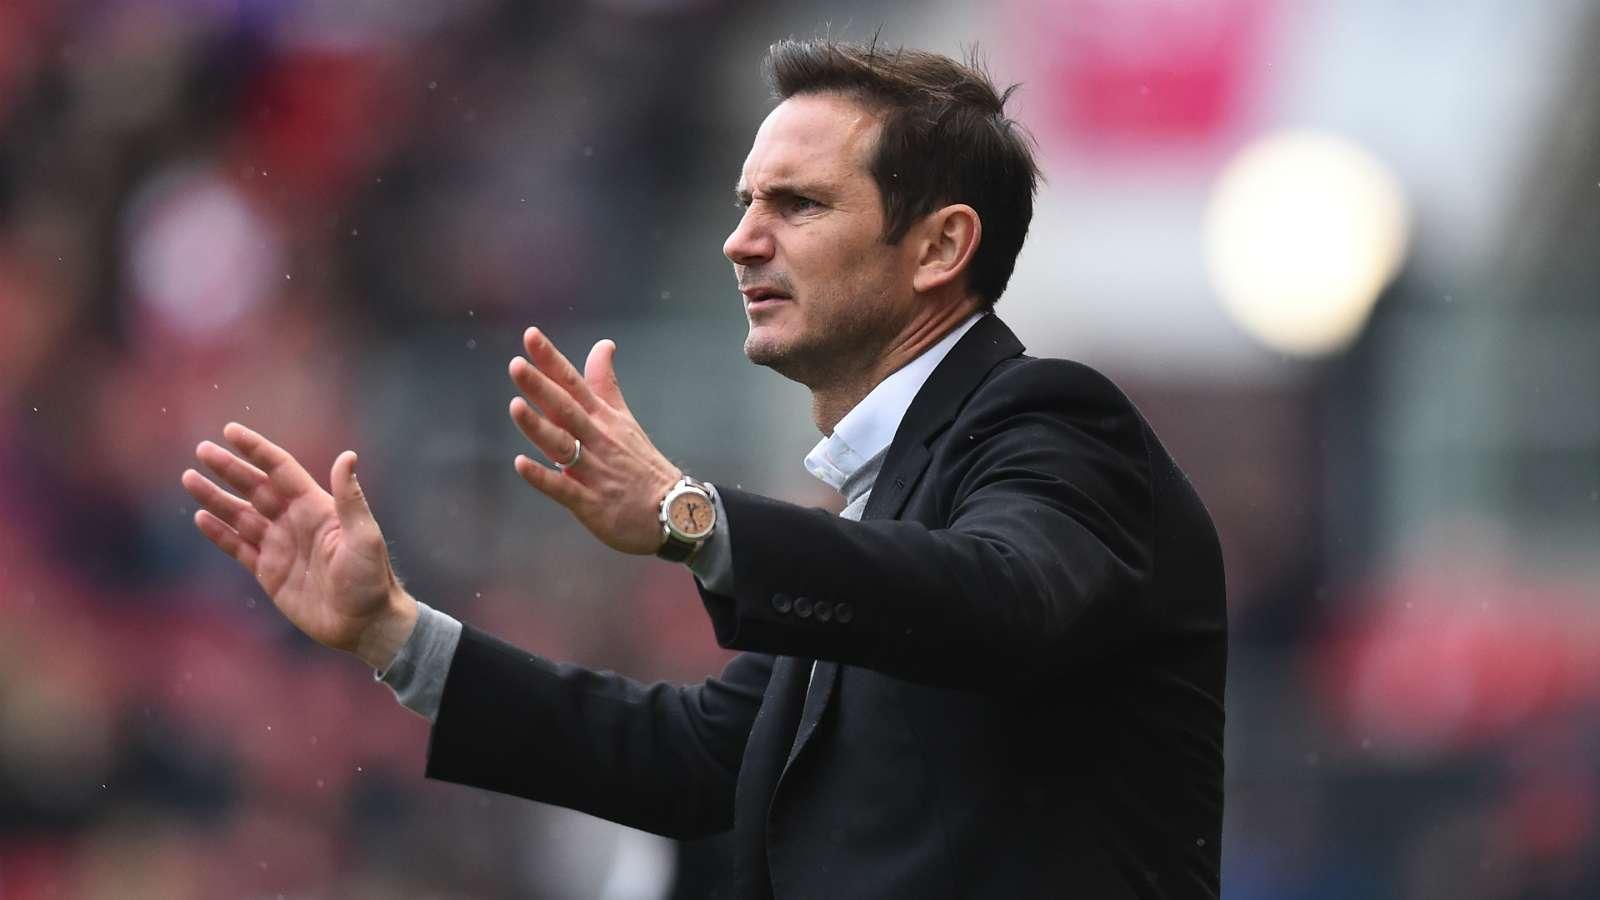 NÓNG! Derby quyết giành Lampard với Chelsea đến phút cuối - Bóng Đá